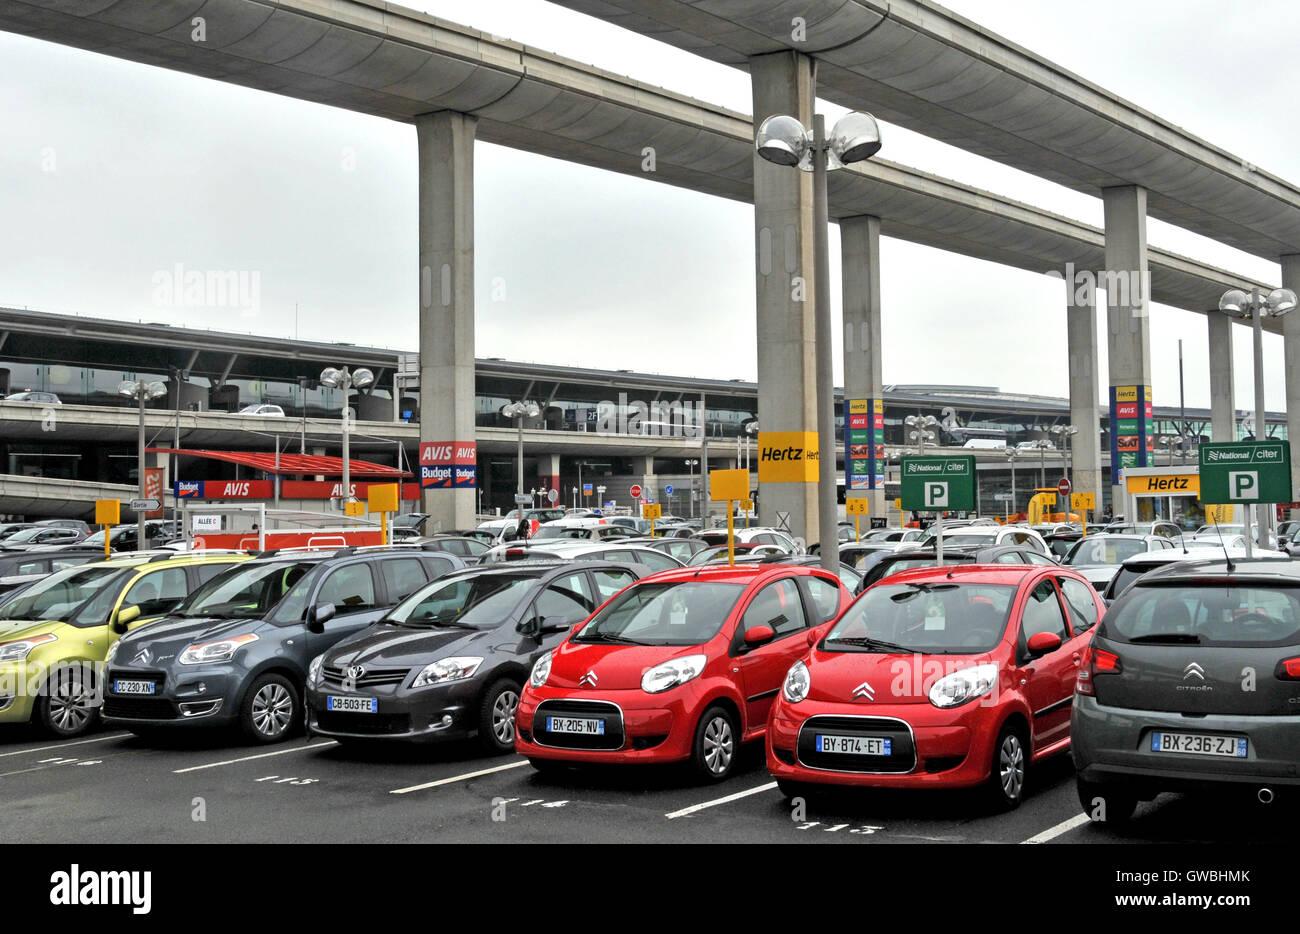 Rent A Car Parking Roissy Charles De Gaulle Airport Paris France